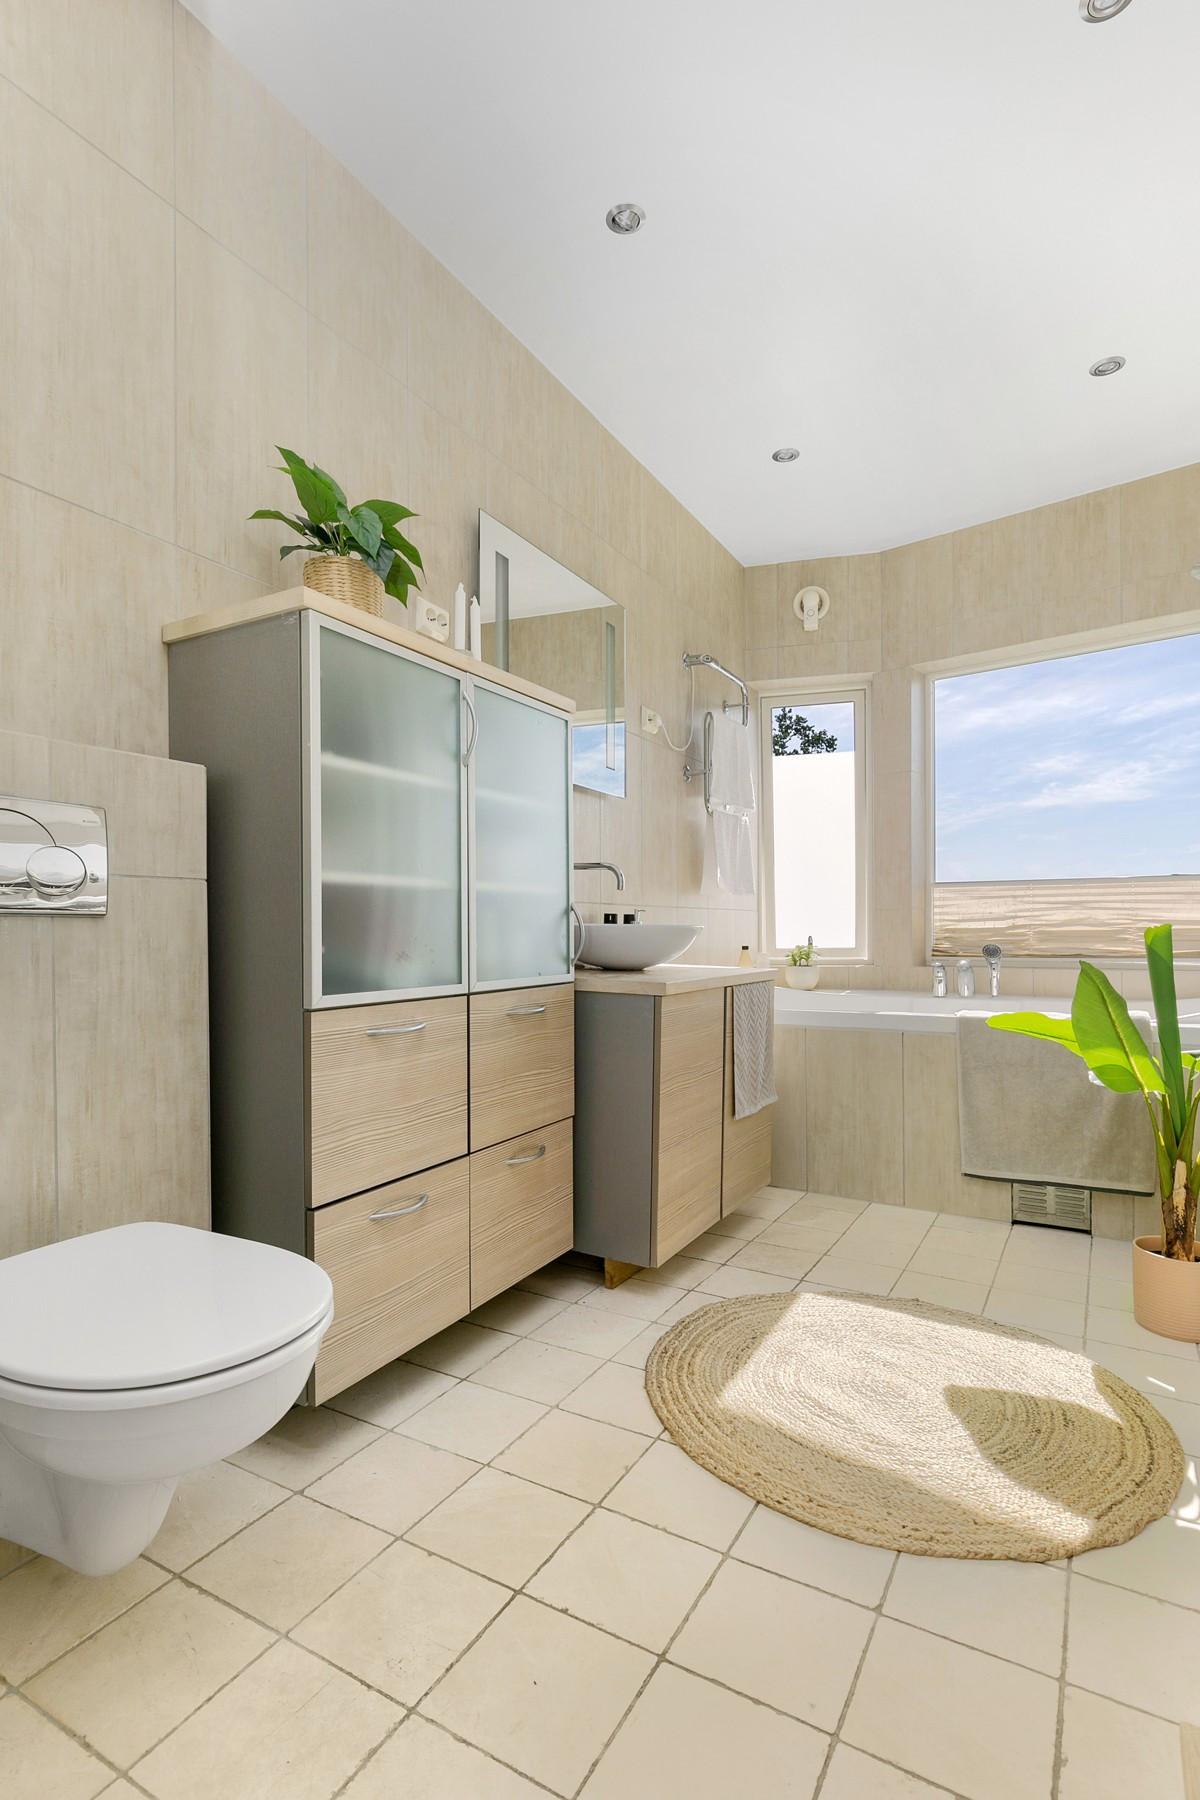 Badet er komplett fliselagt med gulvvarme